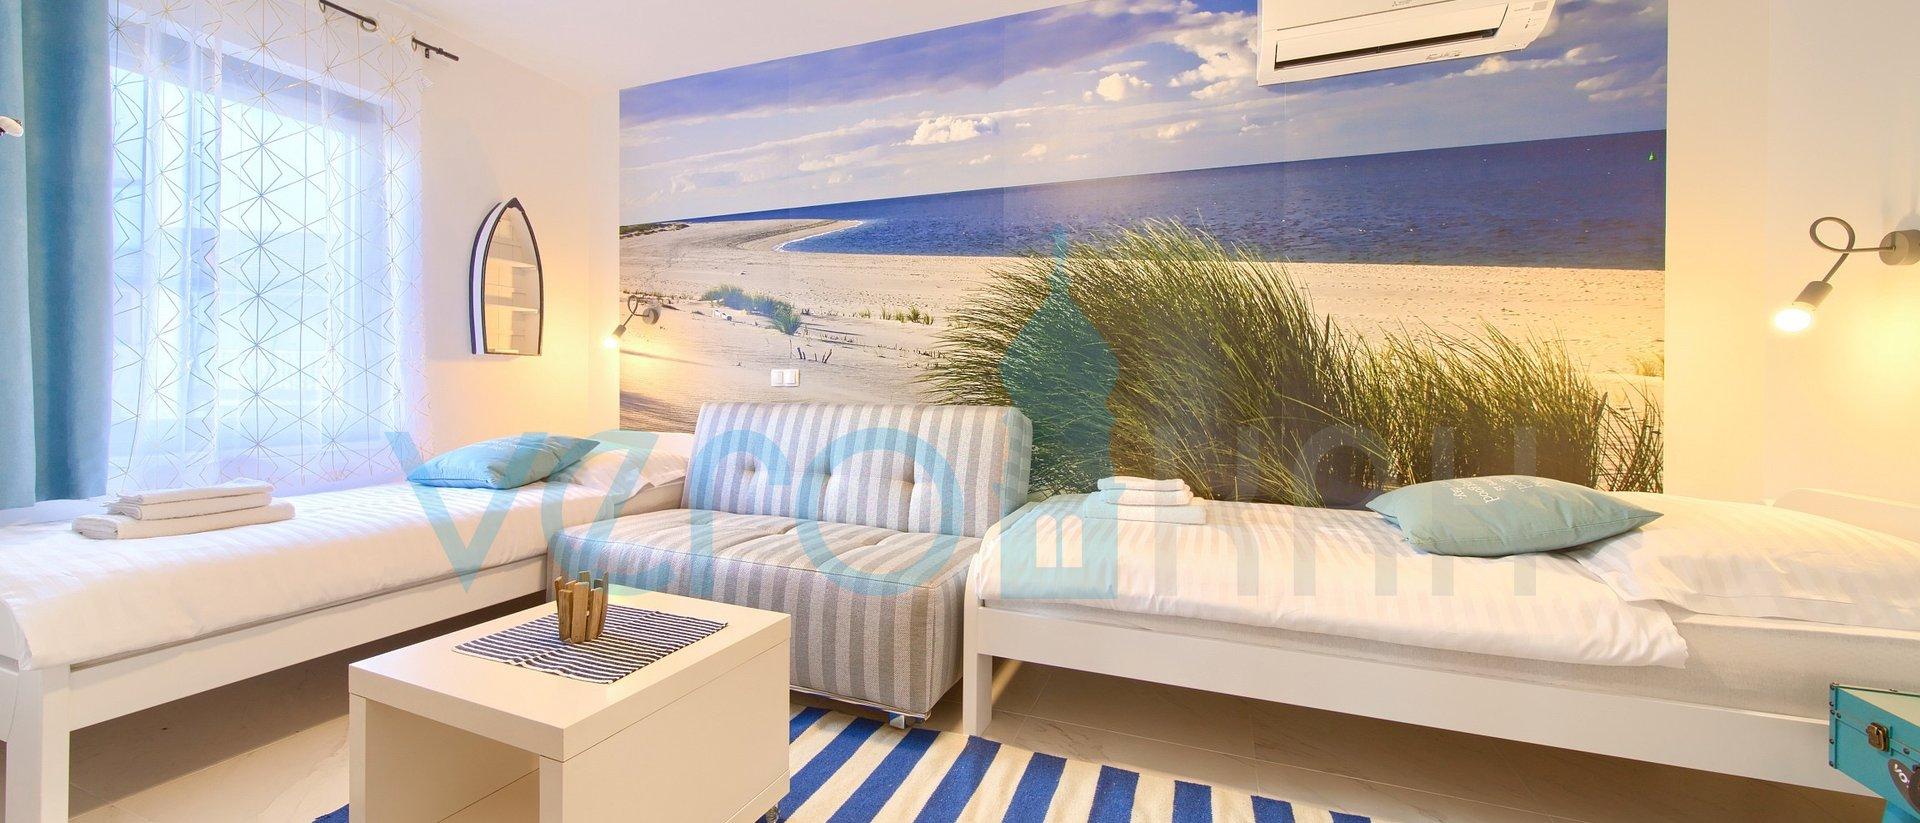 Malinska, okolica, moderan dvosoban apartman s panoramskim pogledom na more i okućnicom